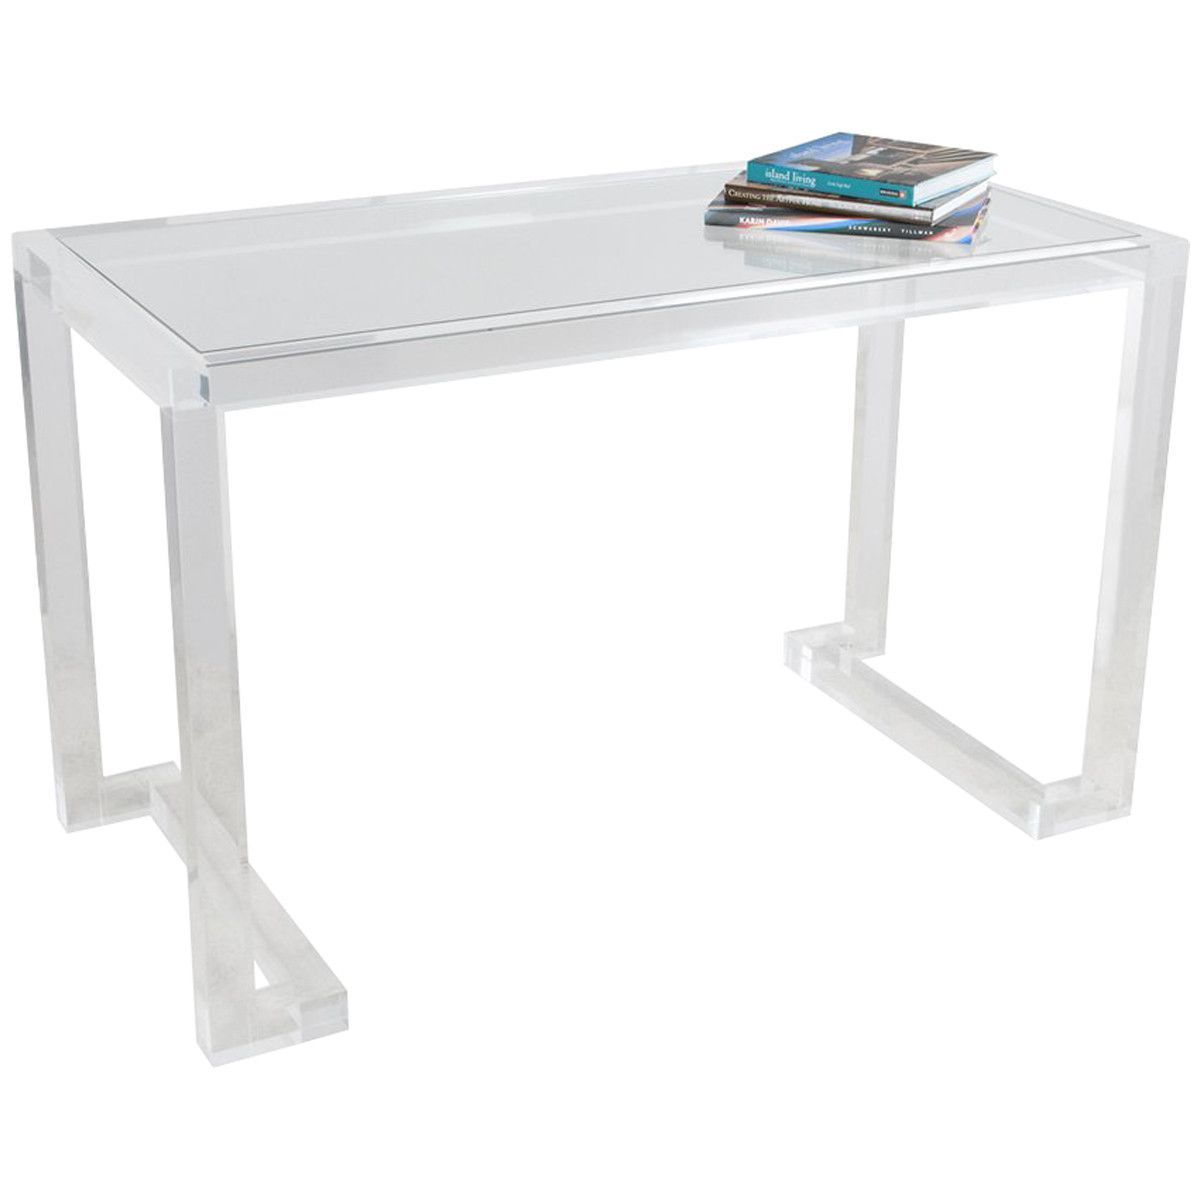 Interlude Home Ava Acrylic Clear Desk Clear Desk Desk Glass Desk